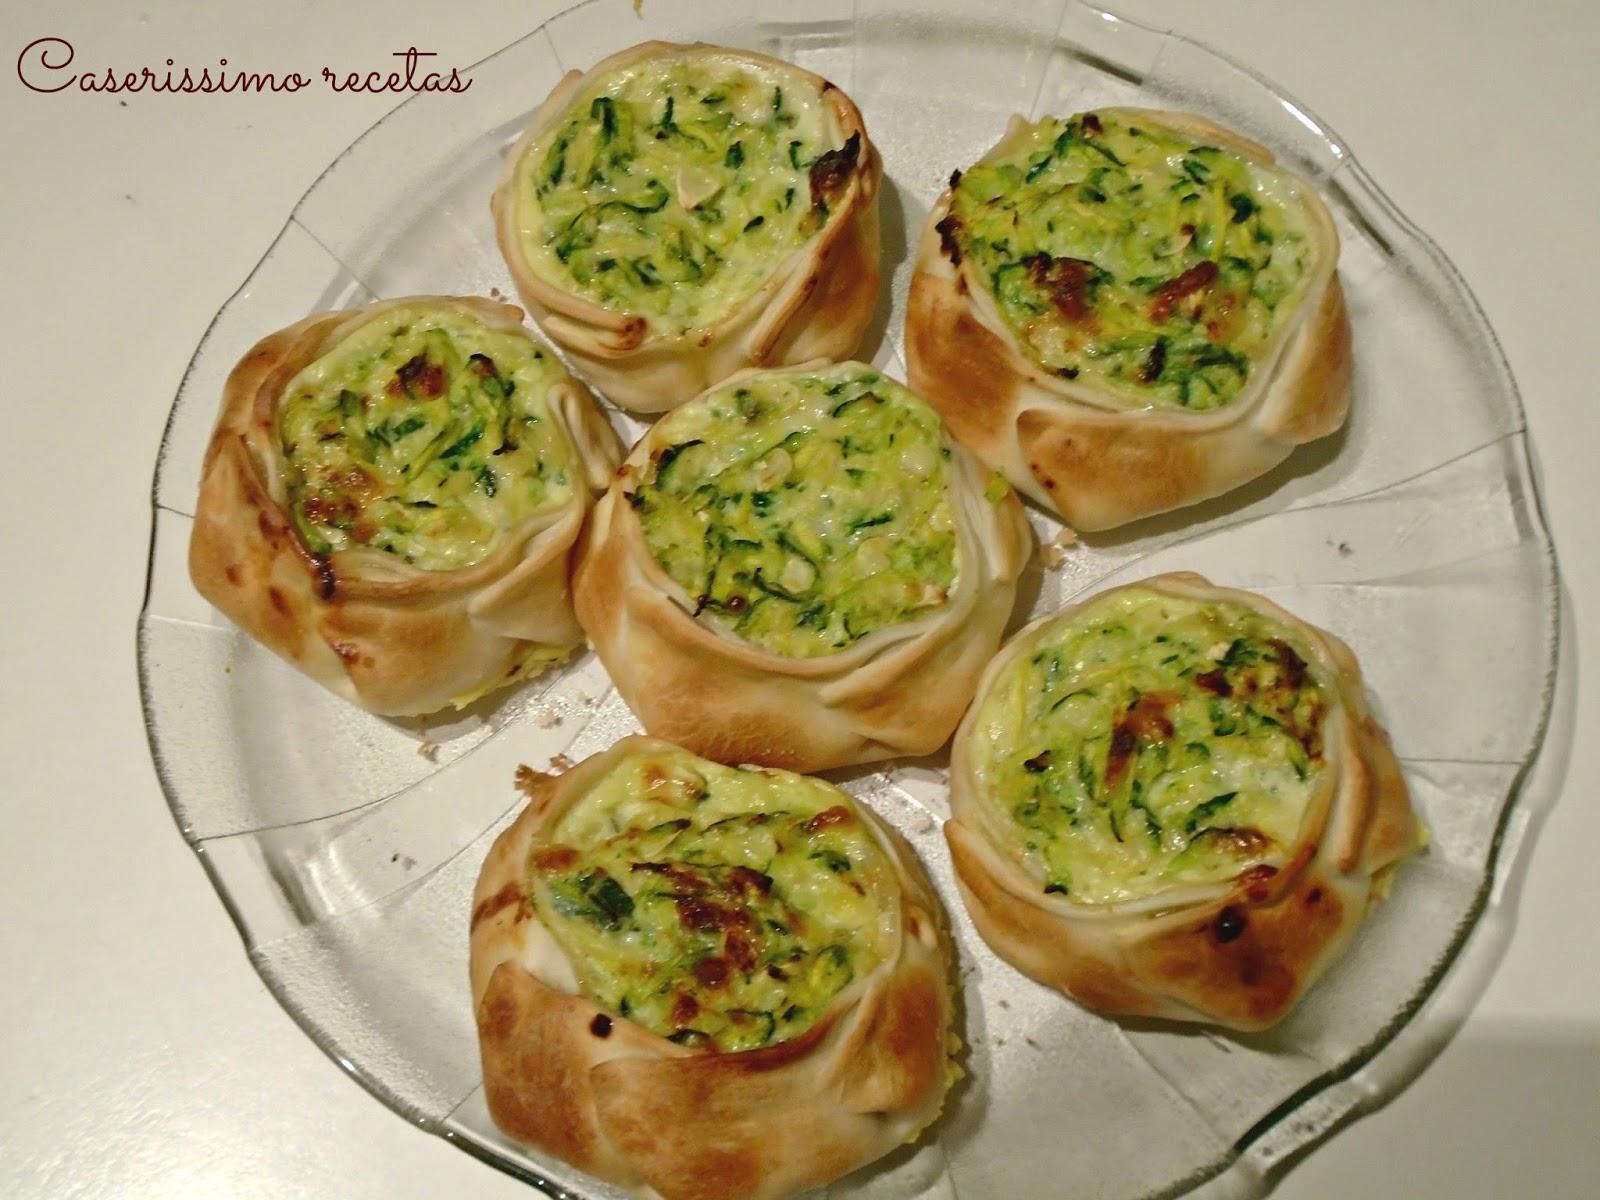 Tarta de zapallitos verdes rallados